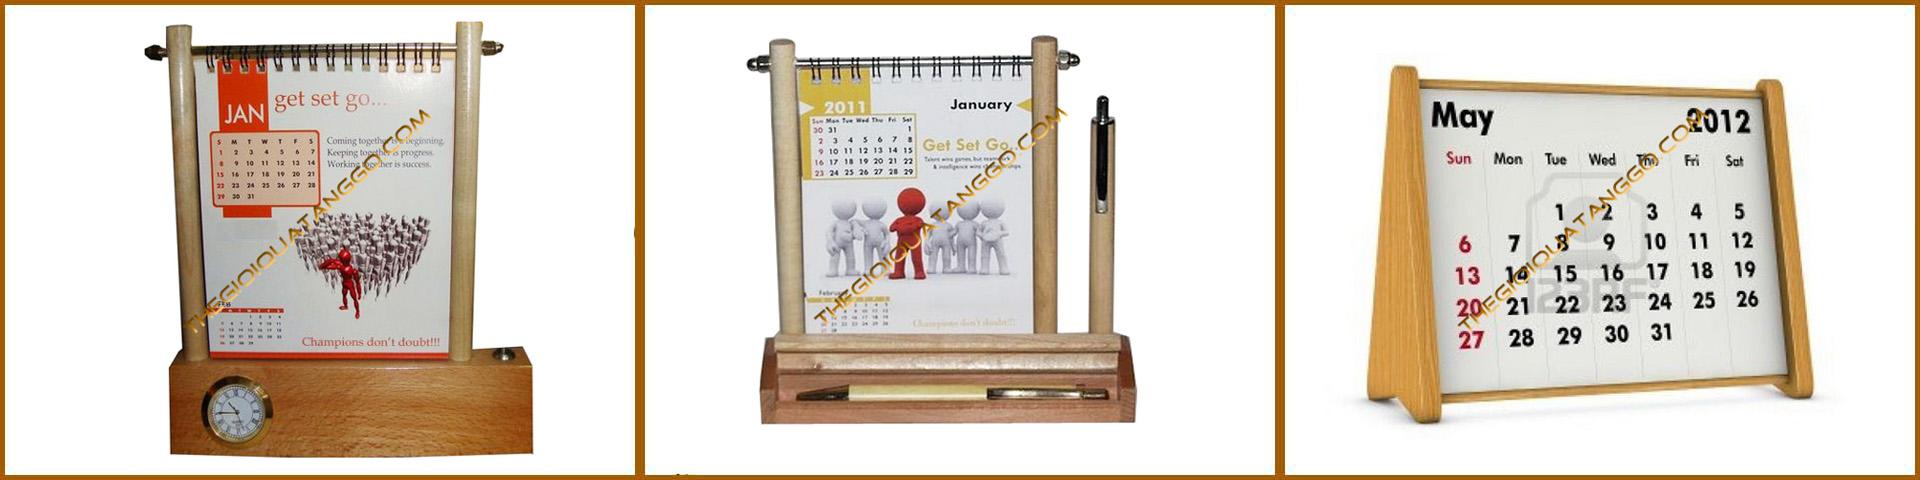 Lịch gỗ để bàn trang trí tp hcm 6